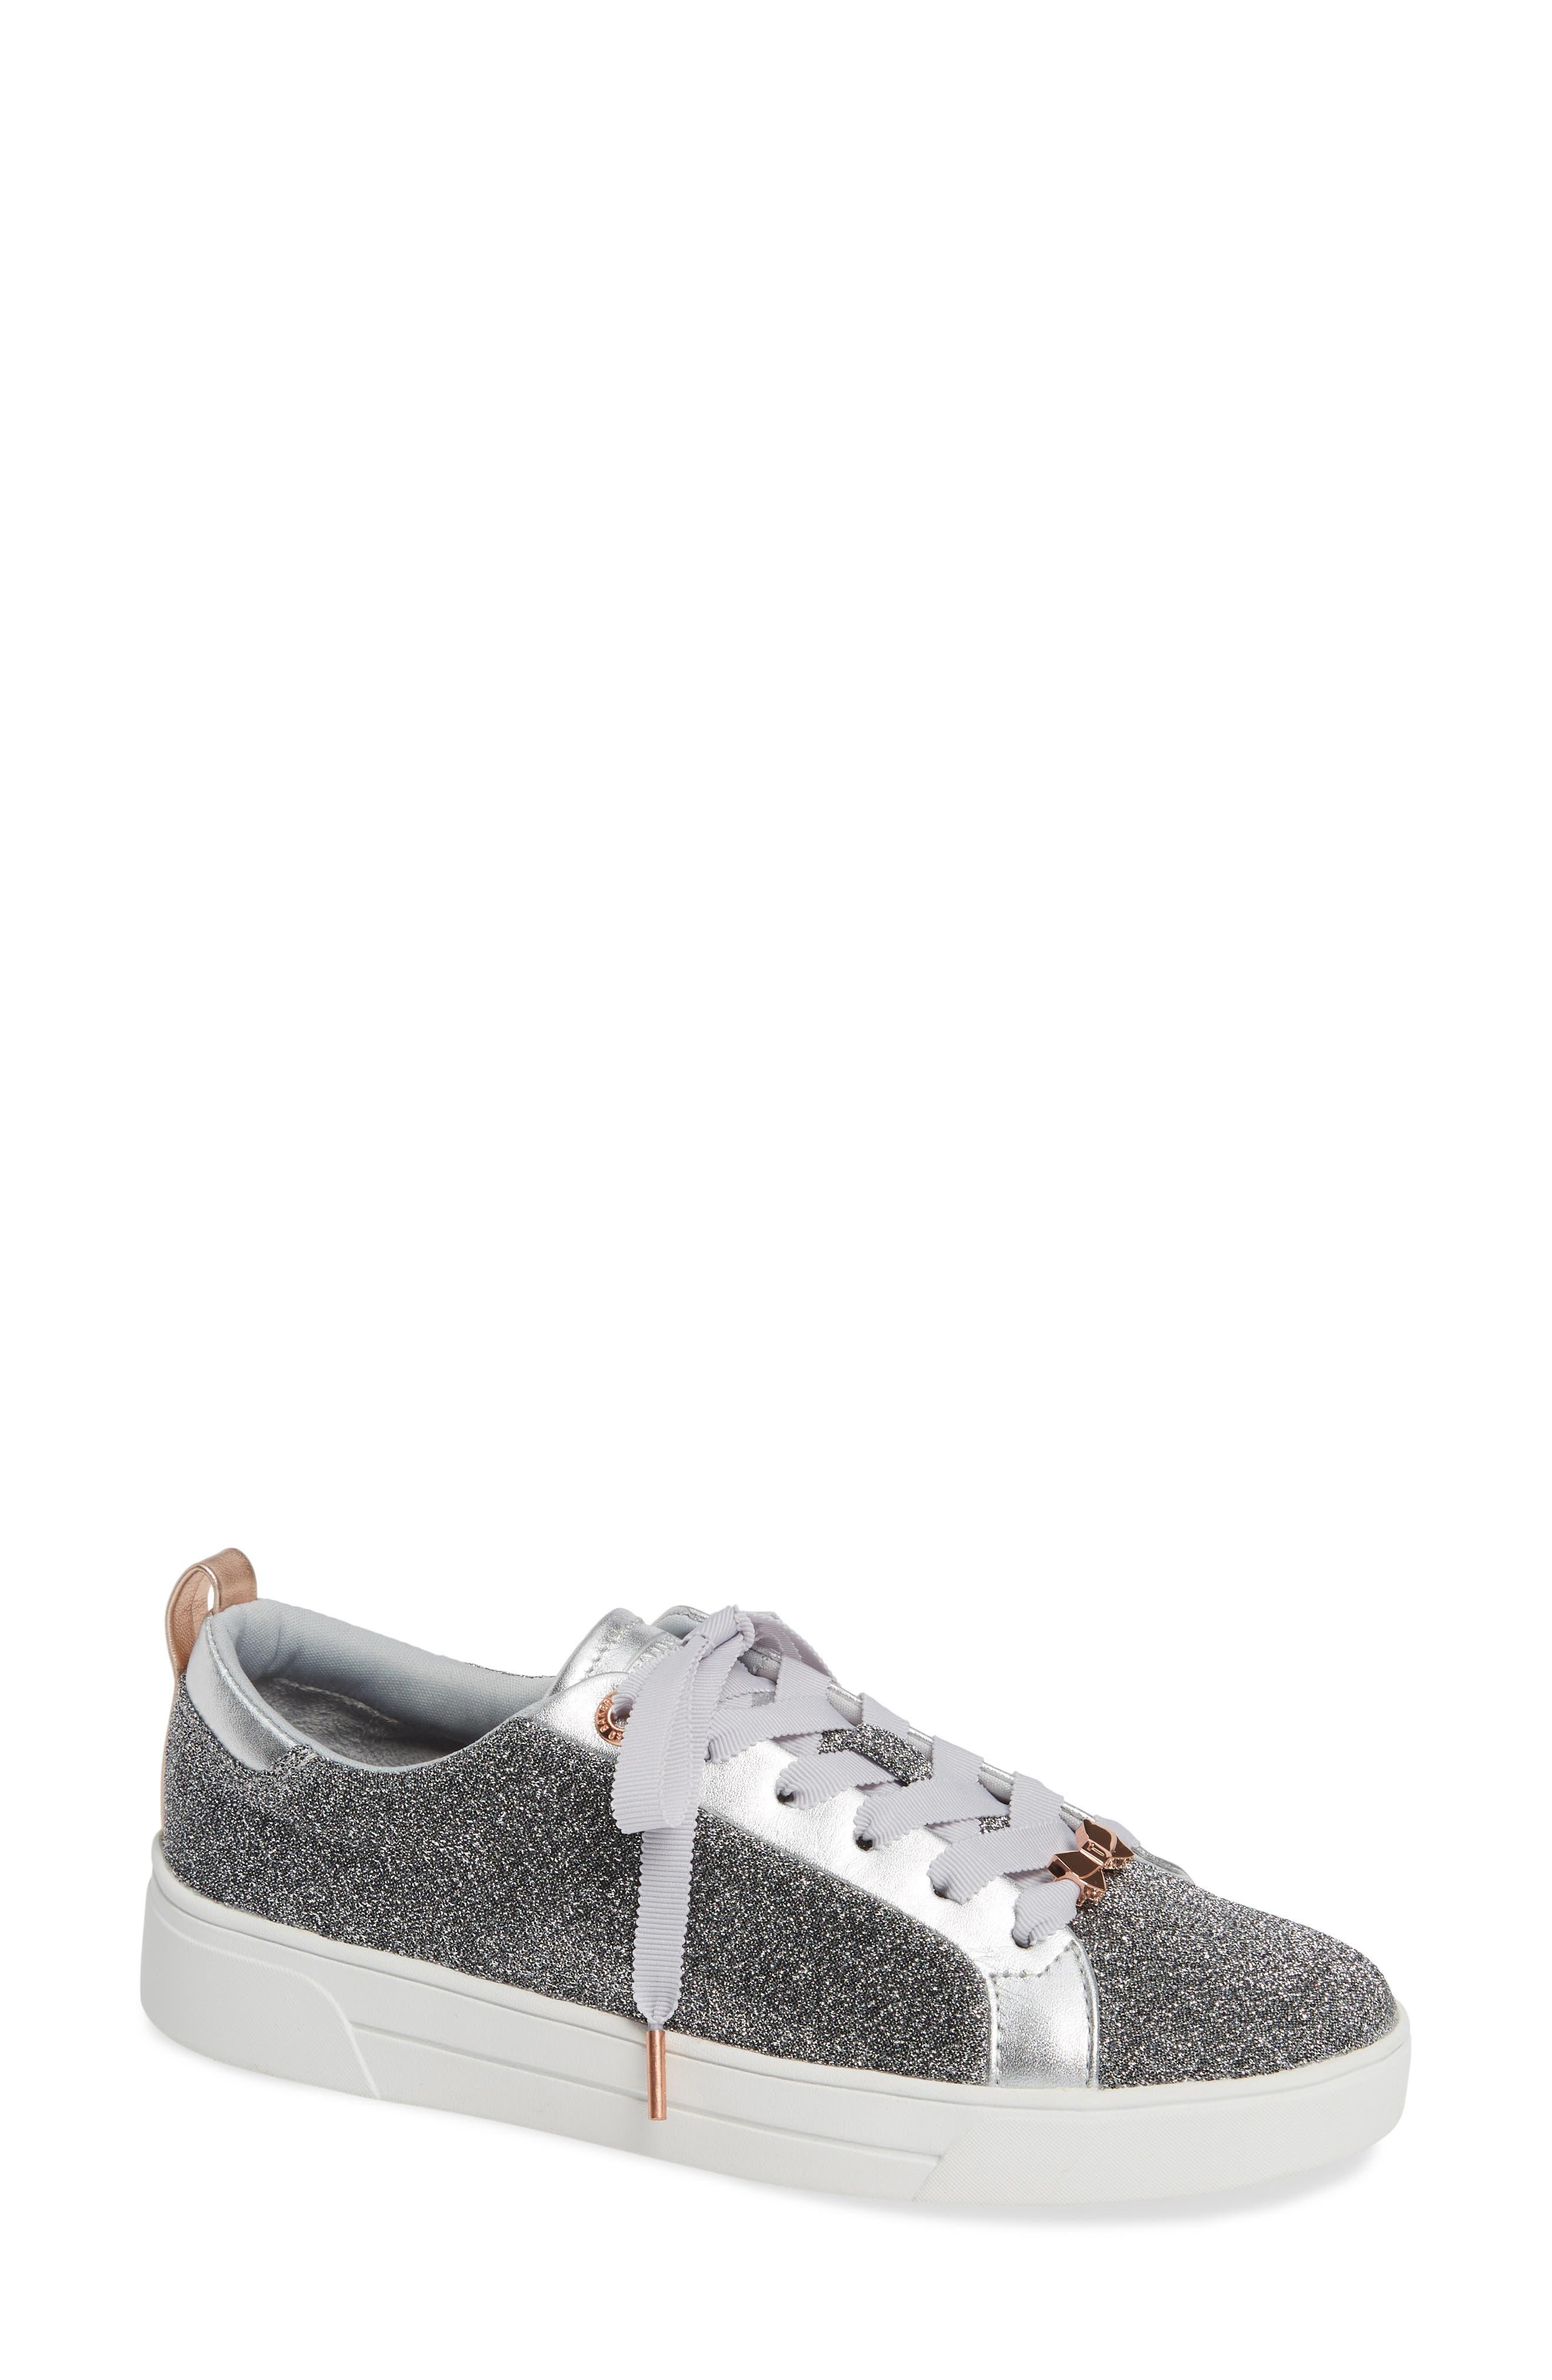 Ted Baker London Eevaa Sneaker, Metallic